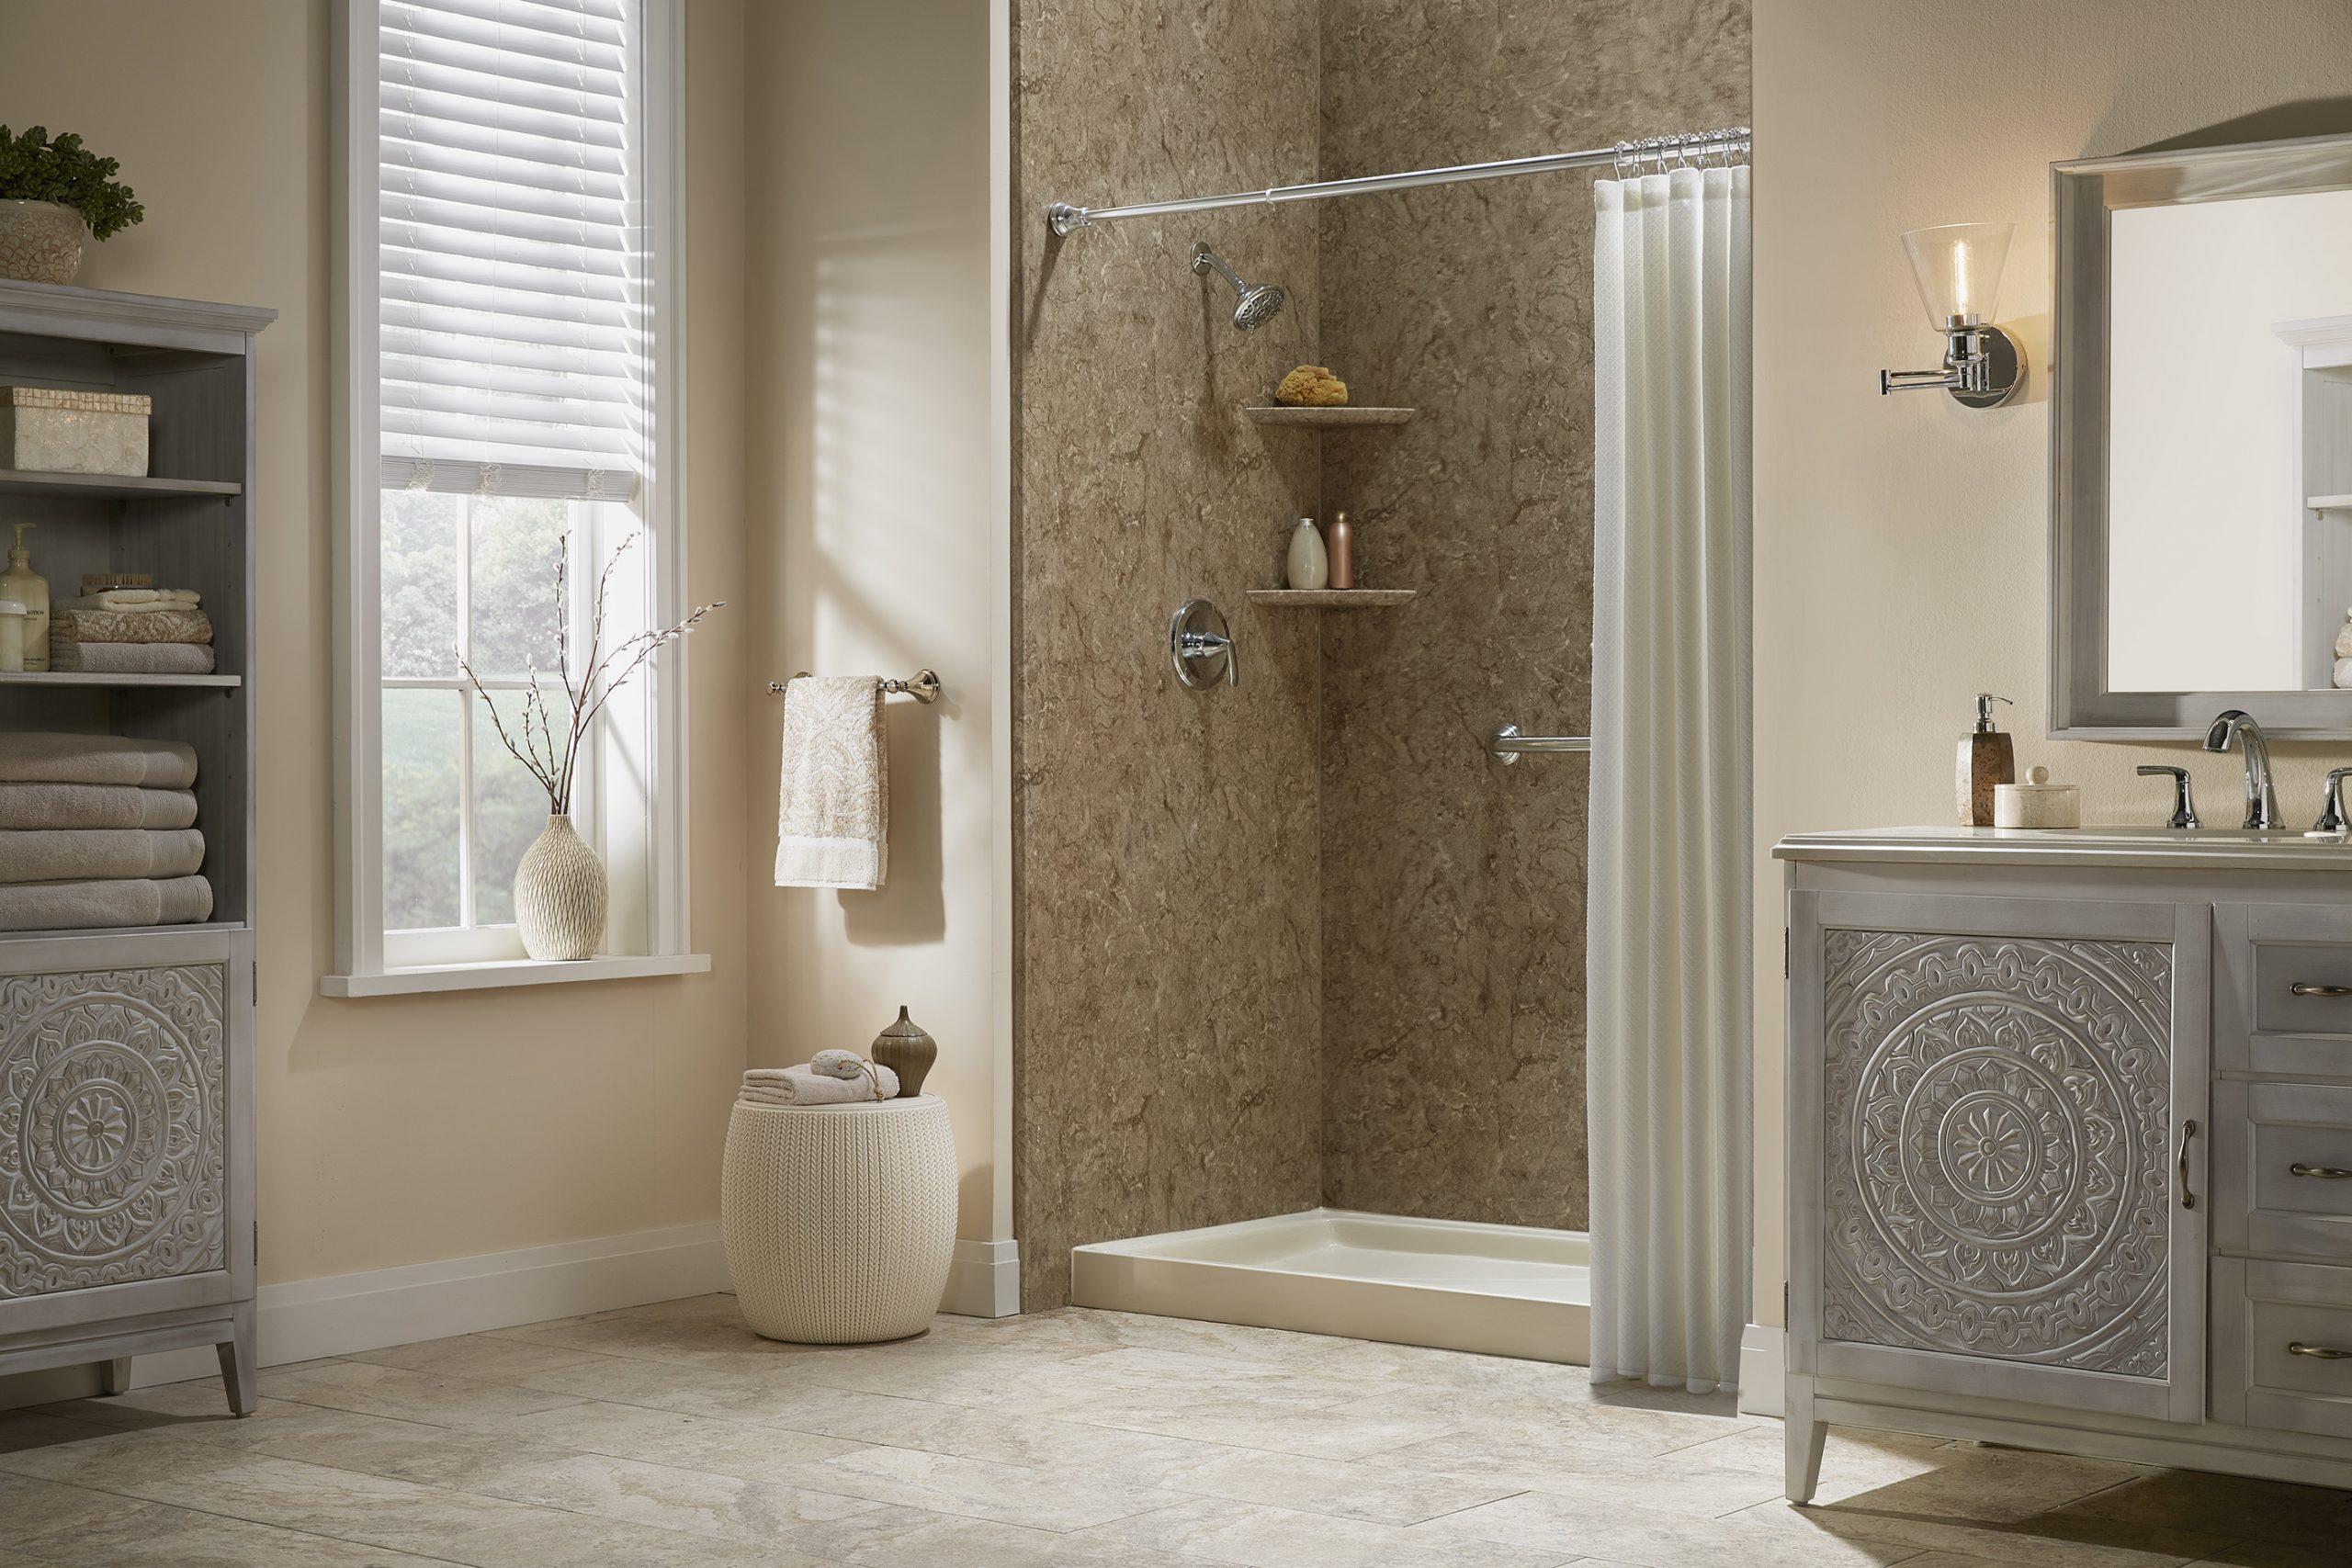 Bathroom Remodeling Louisville Ky, Bathroom Remodel Louisville